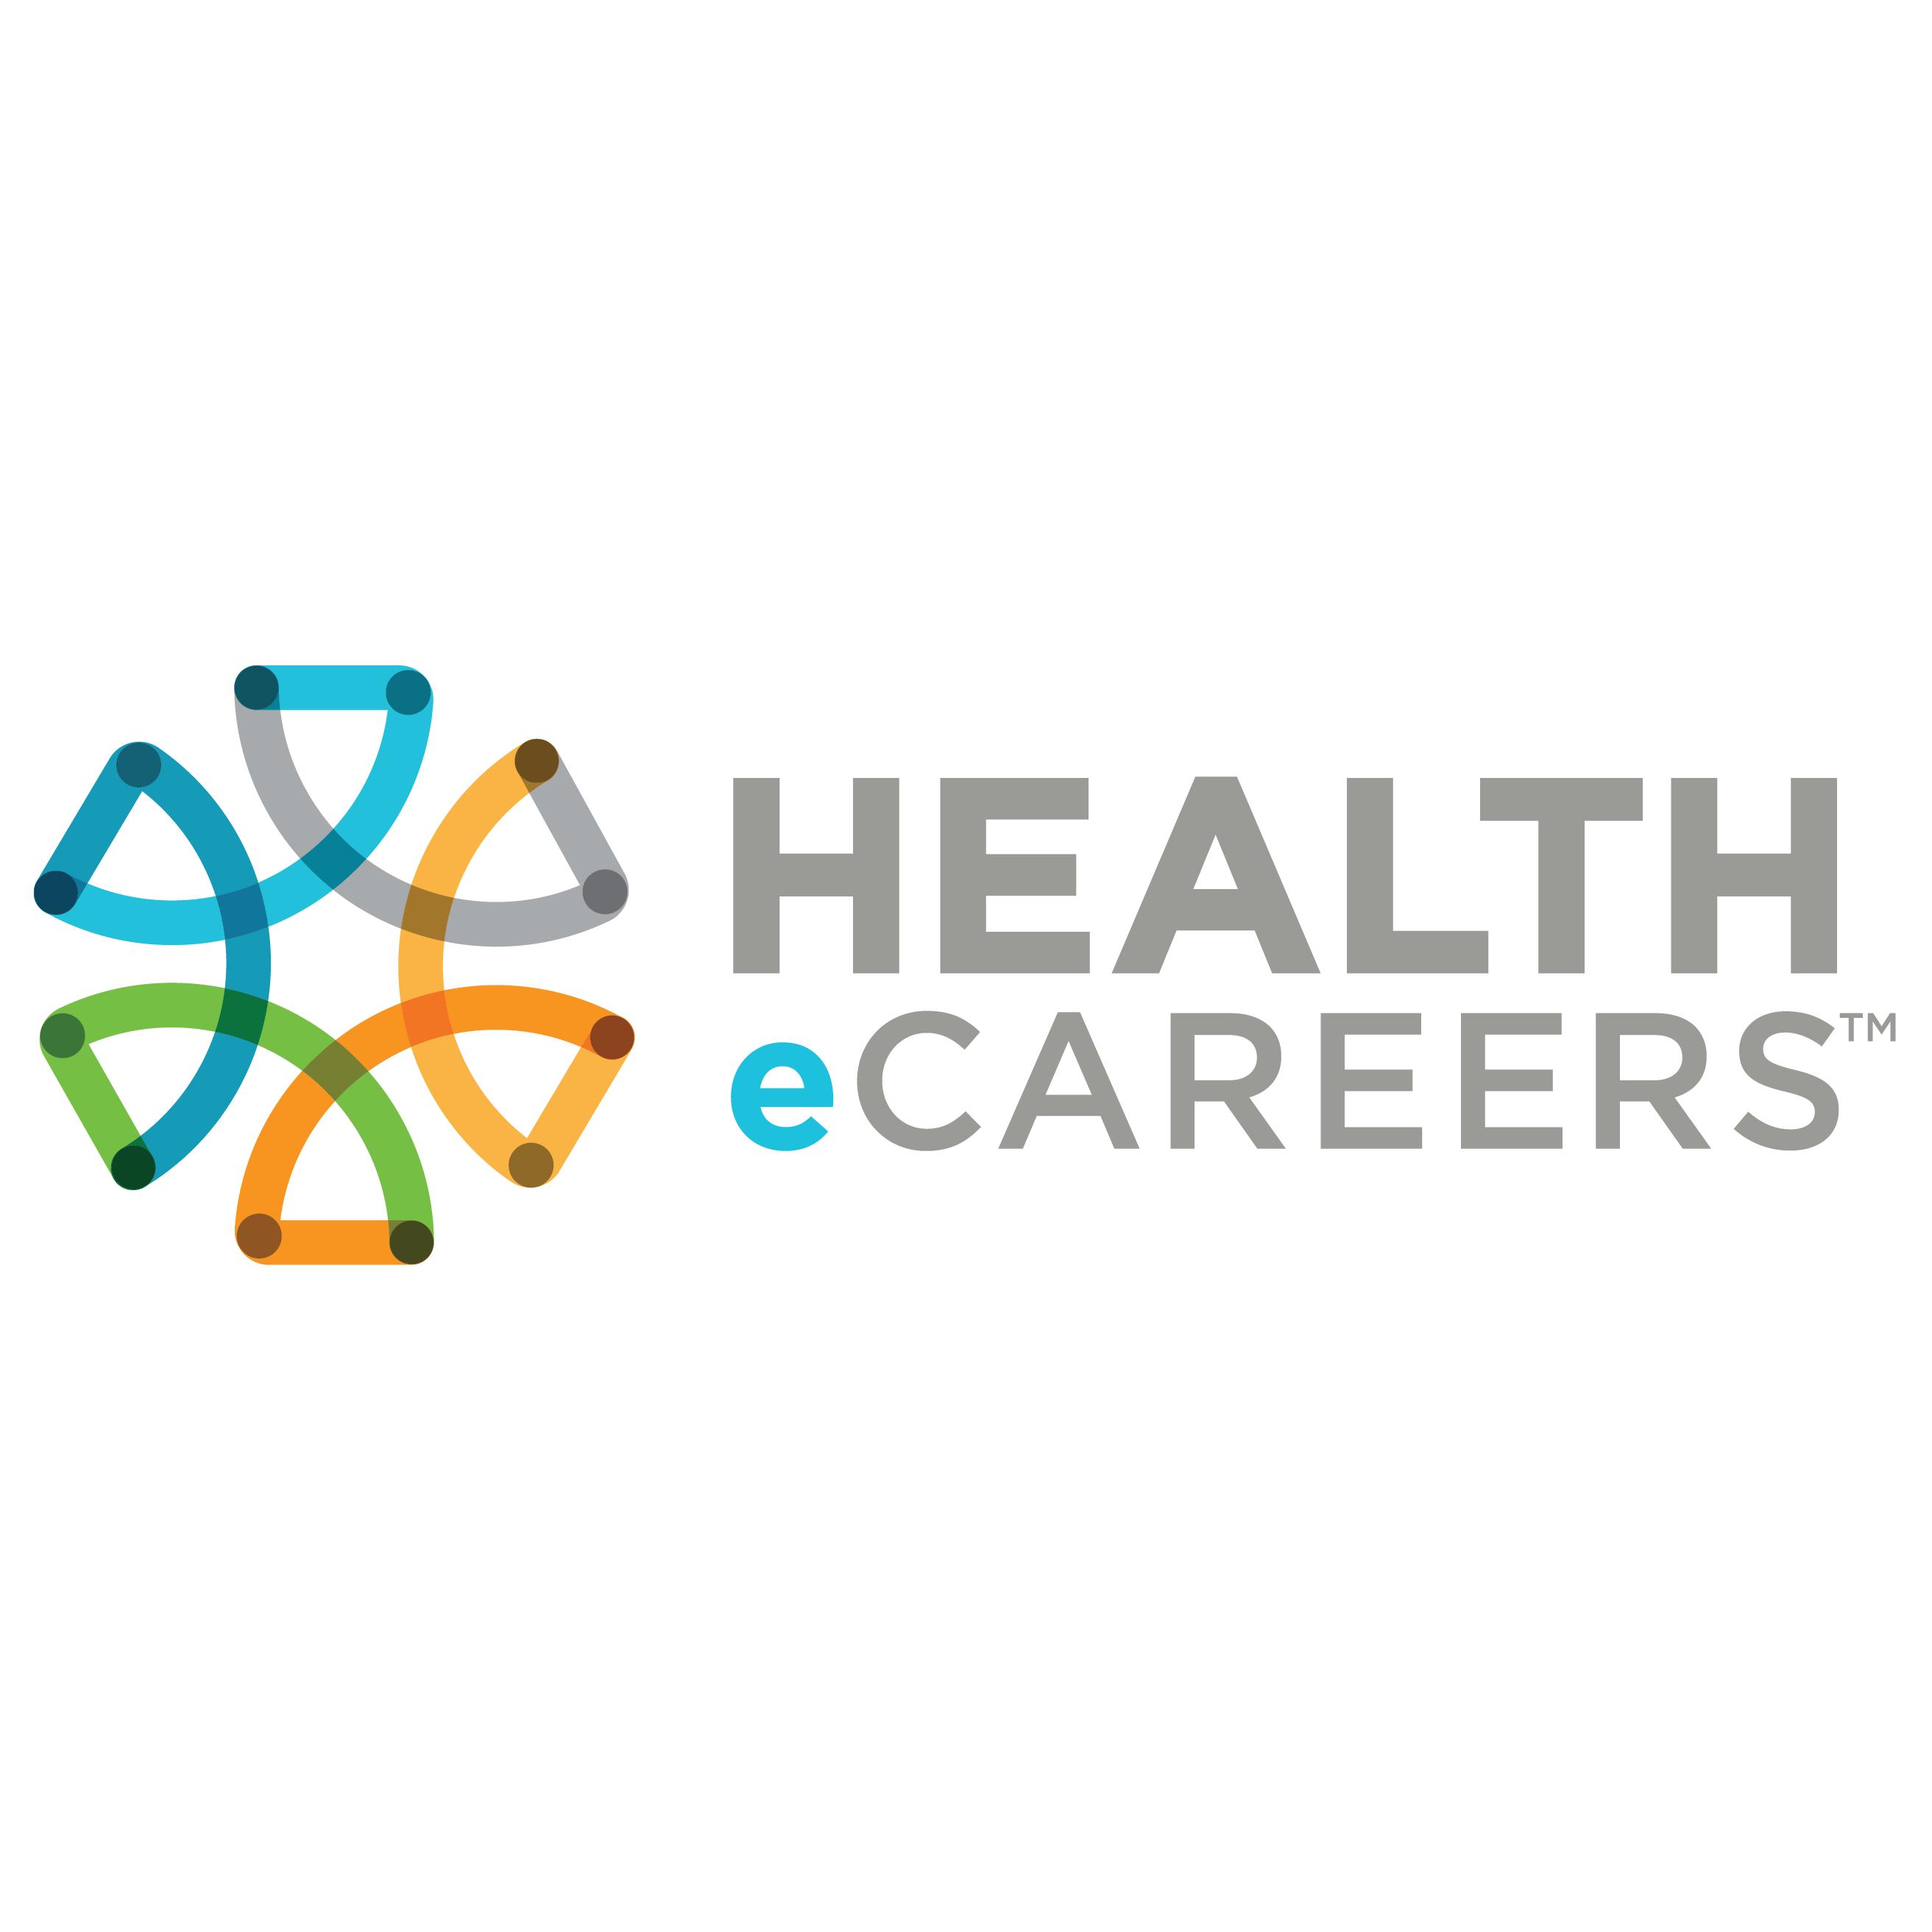 https://www.healthecareers.com/